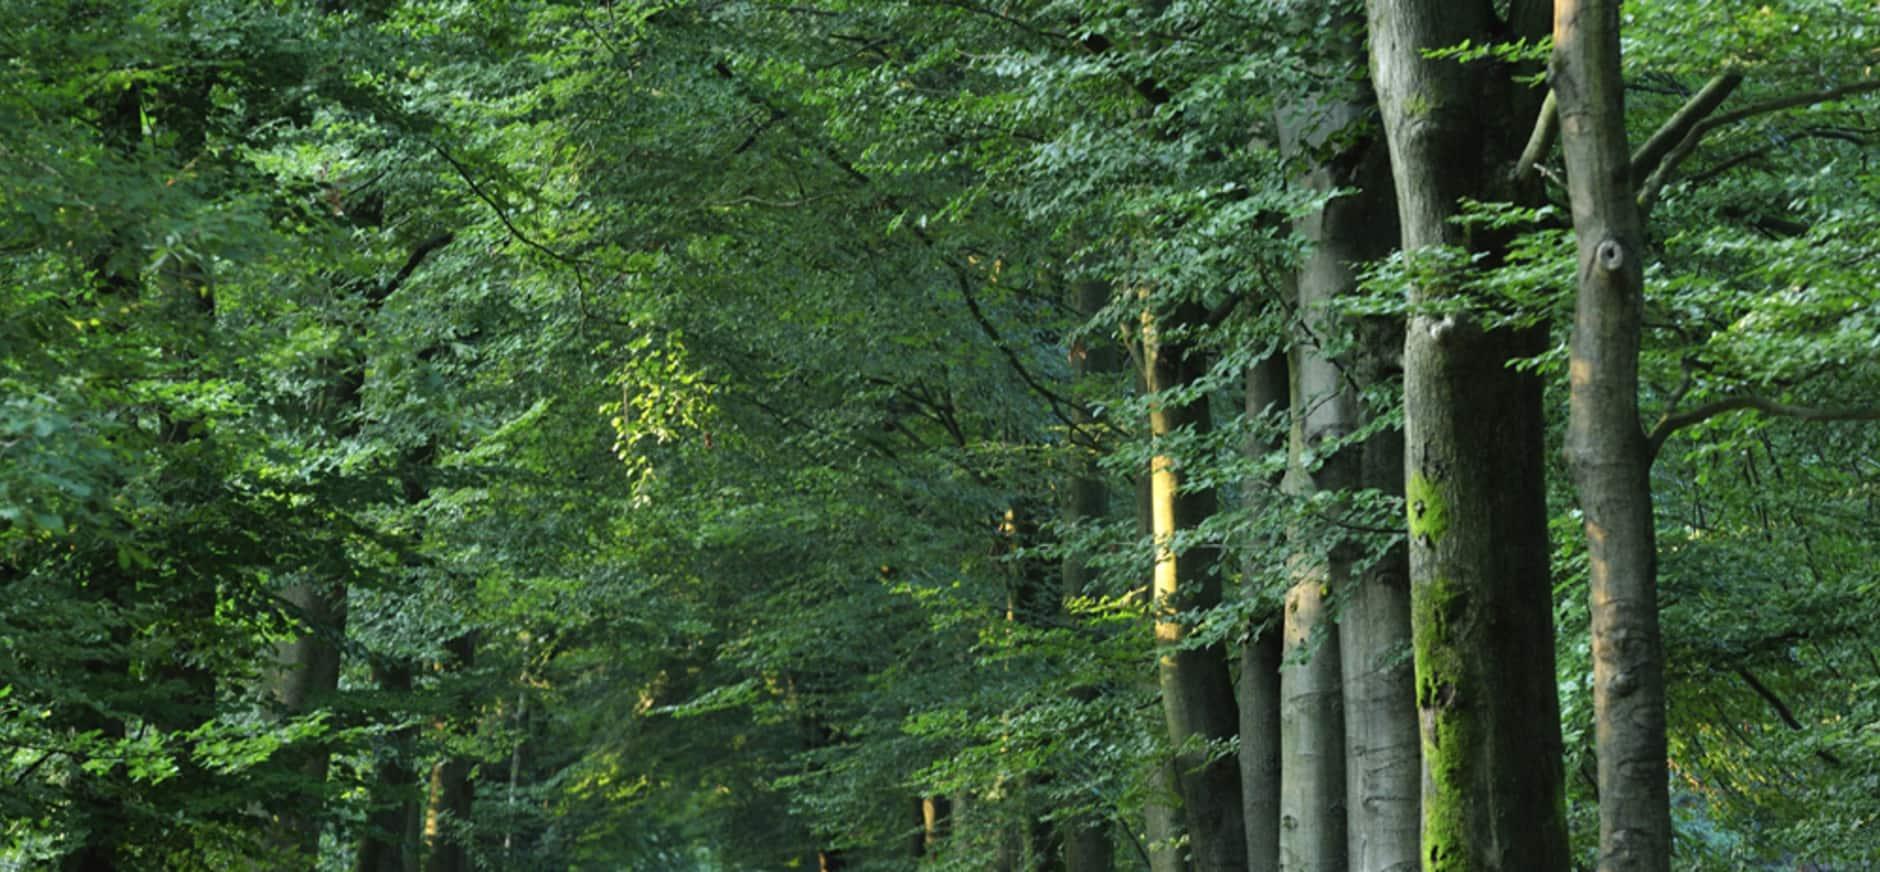 Volg de boswachter van Heumensoord, Mookerheide en de Sint-Jansberg op Facebook